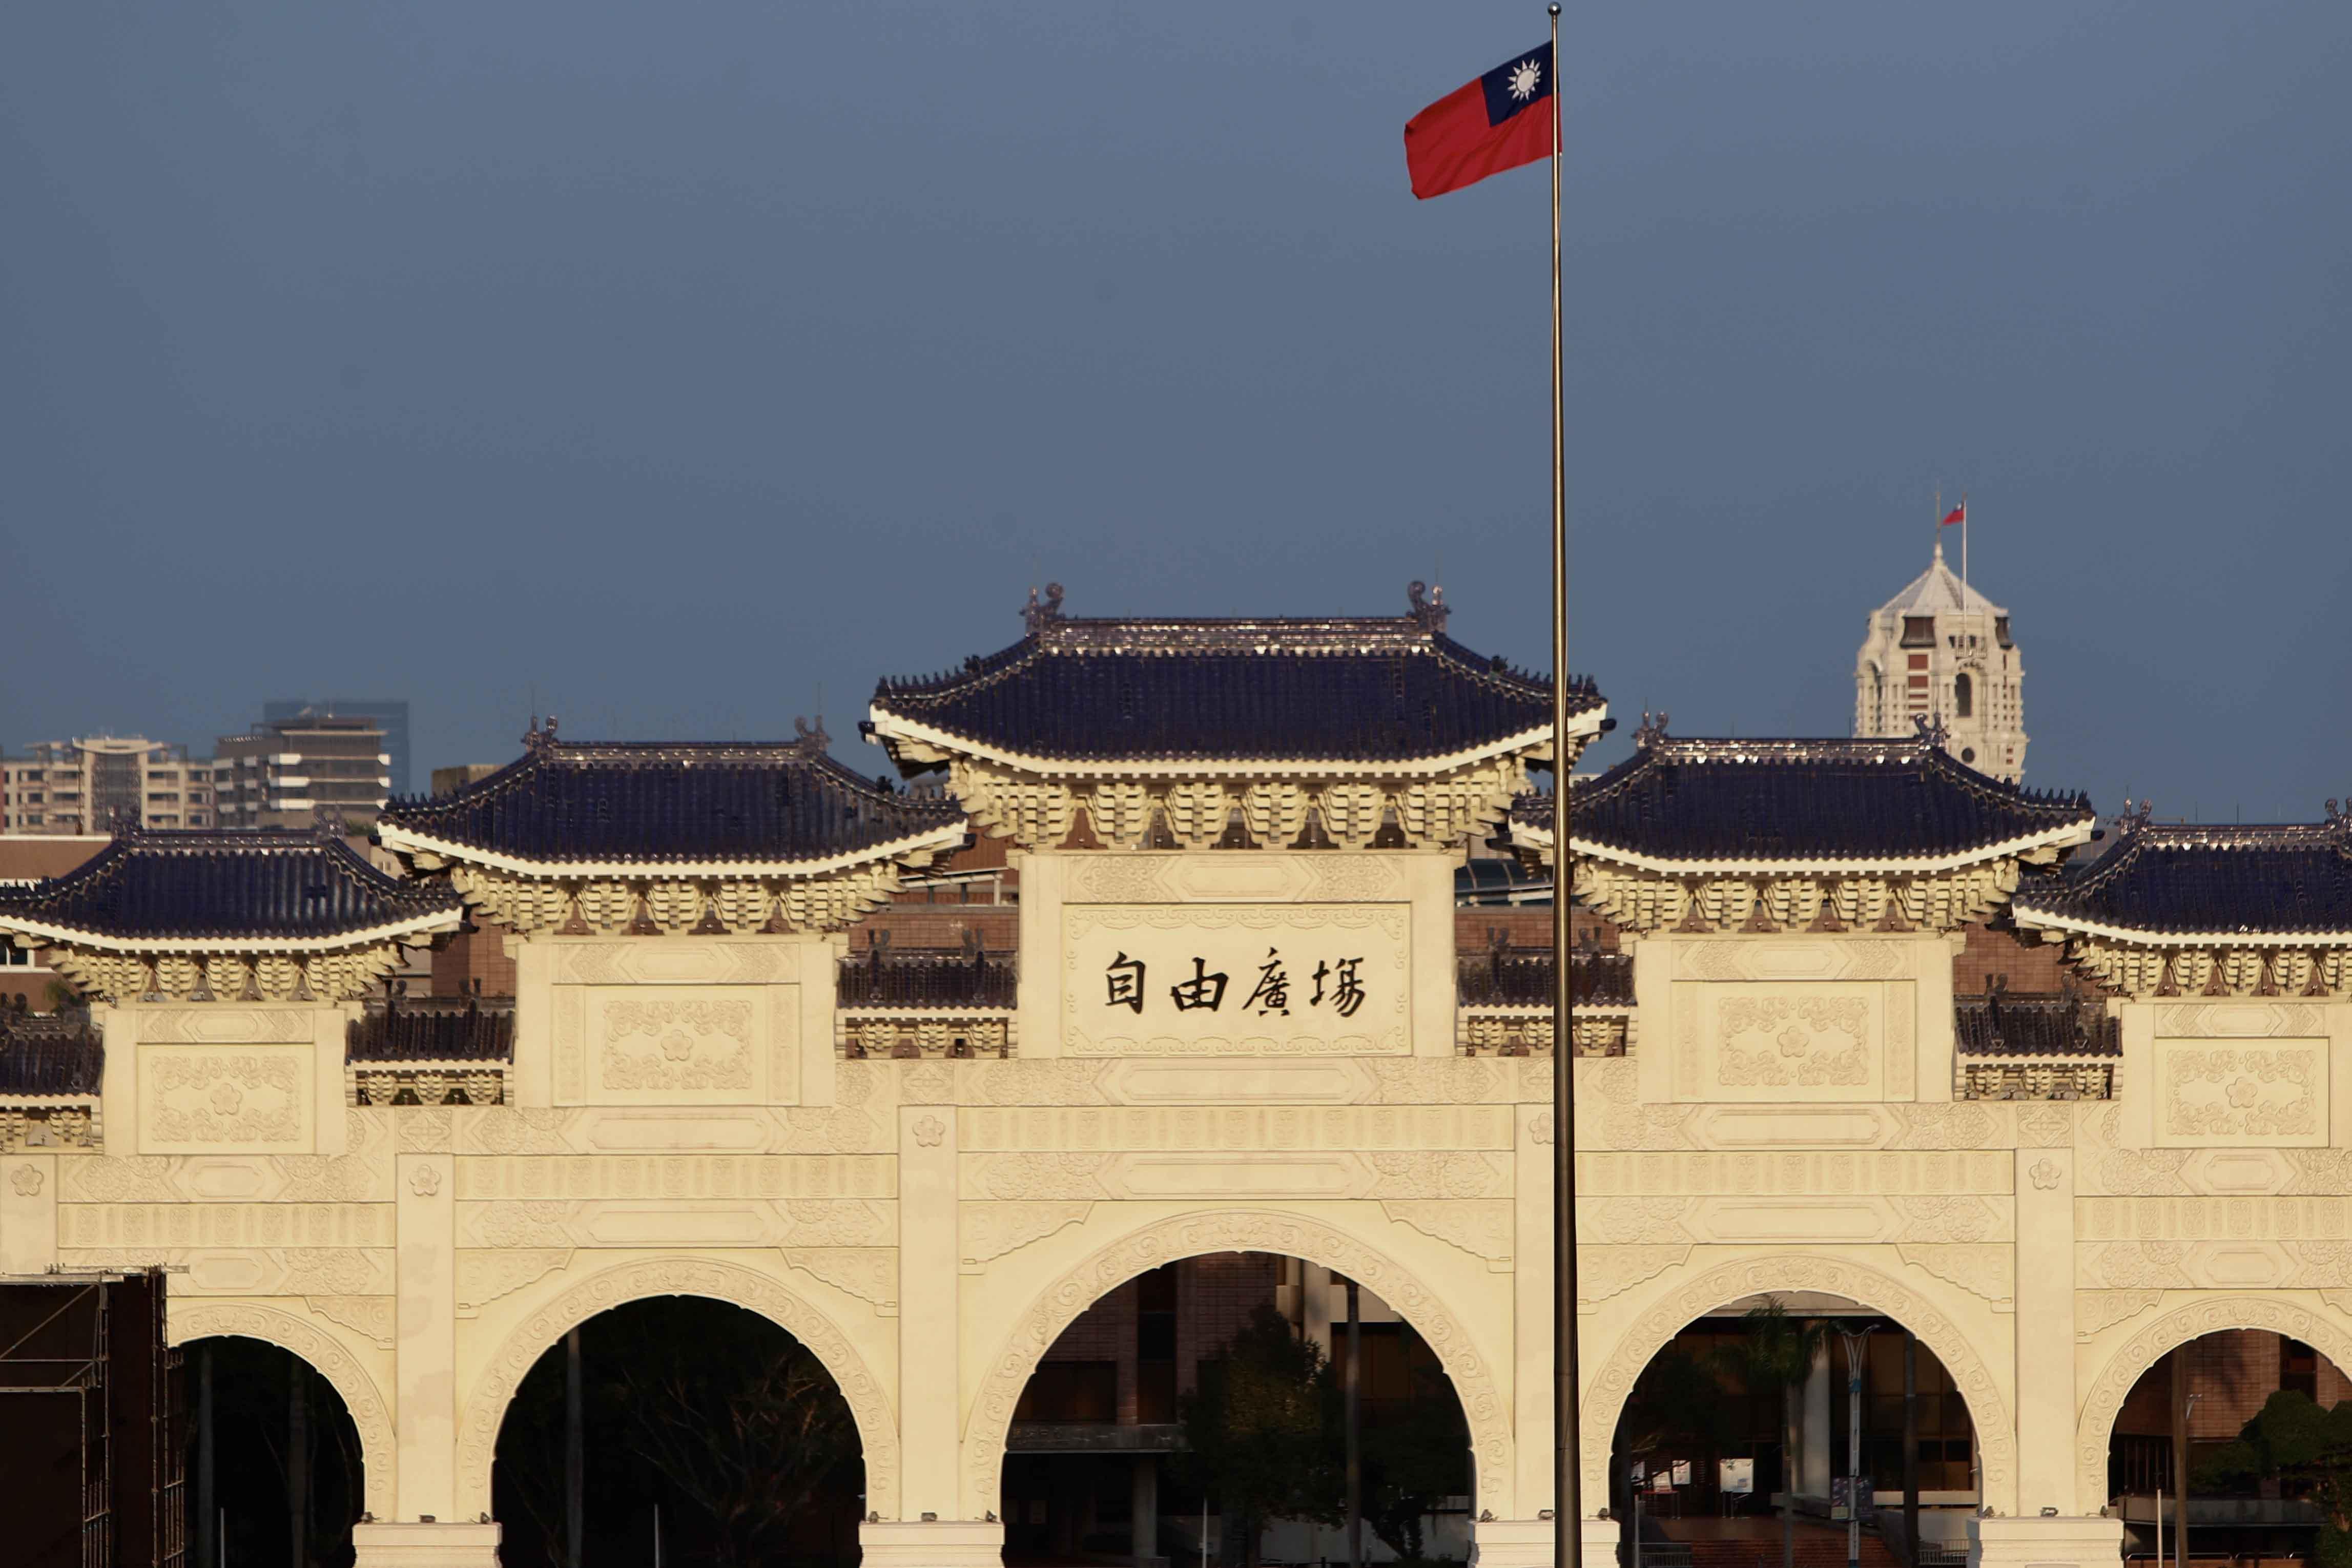 2020年11月15日,衛隊早上在台北自由廣場升起台灣國旗。 攝:Ceng Shou Yi/NurPhoto via Getty Images